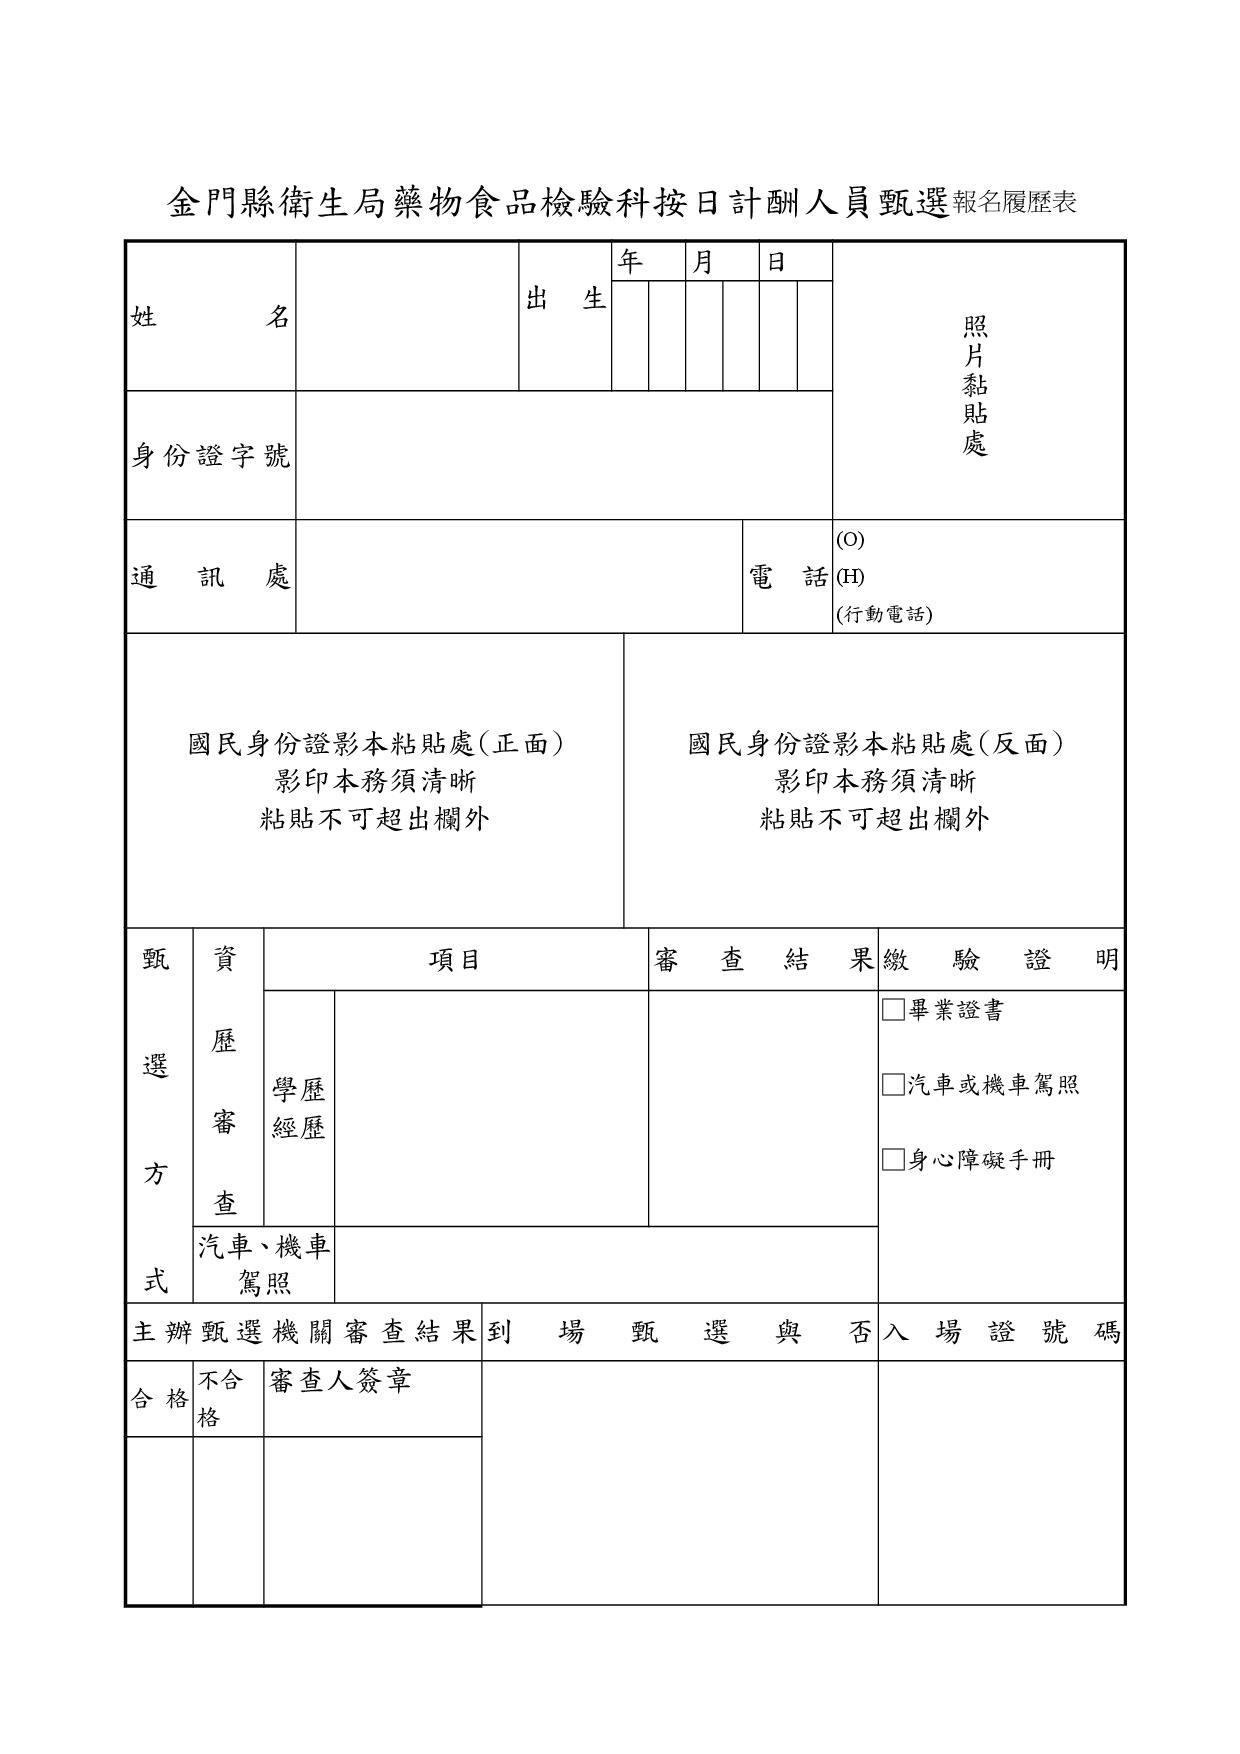 金門縣衛生局按日臨時人員甄選報名履歷表